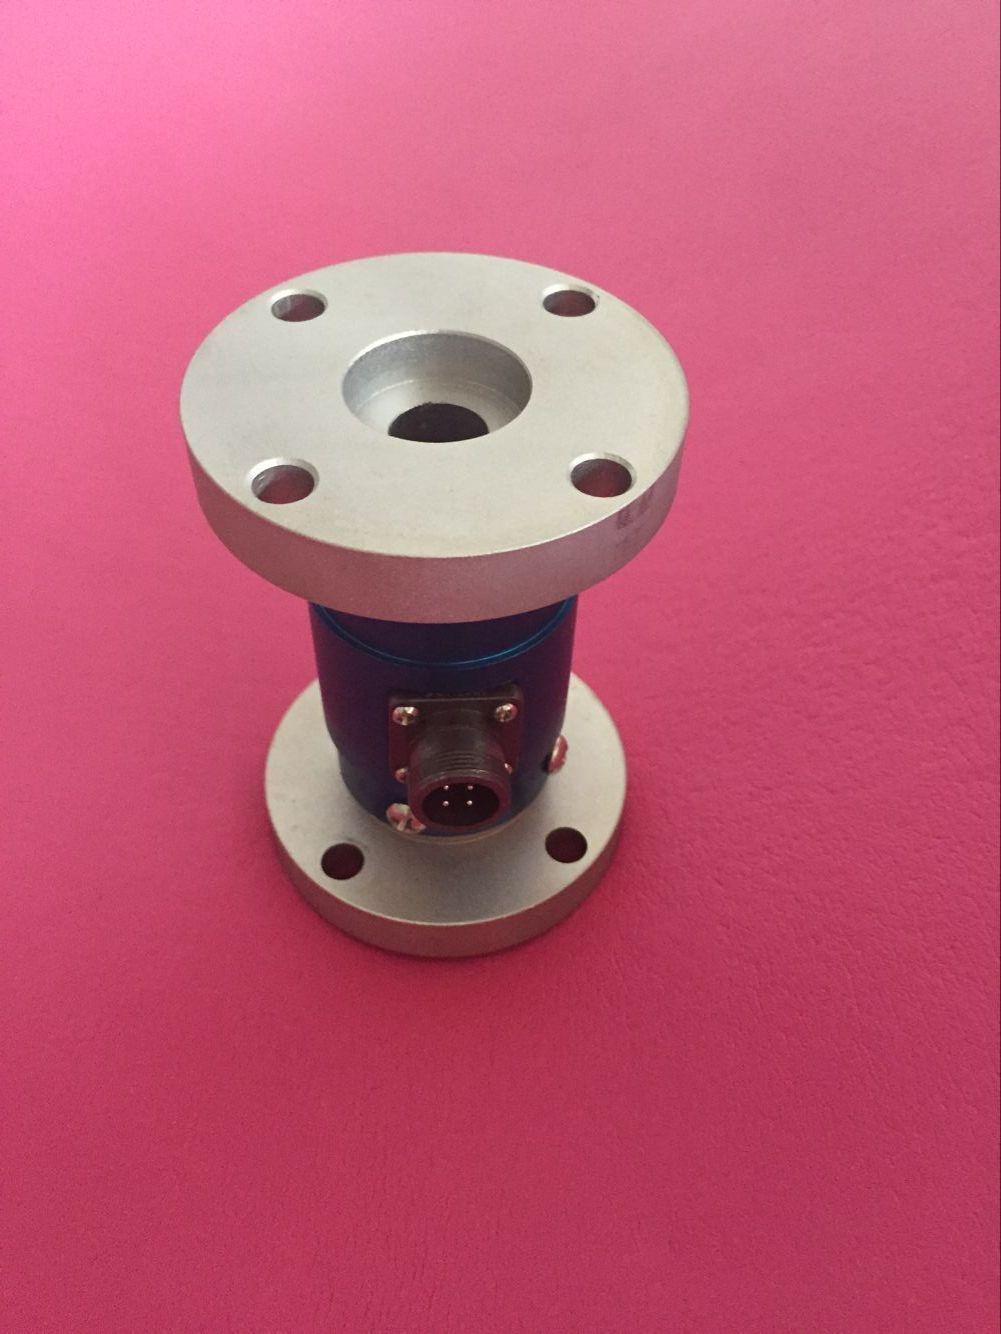 发动机扭矩传感器 TD98A 静态测力传感器